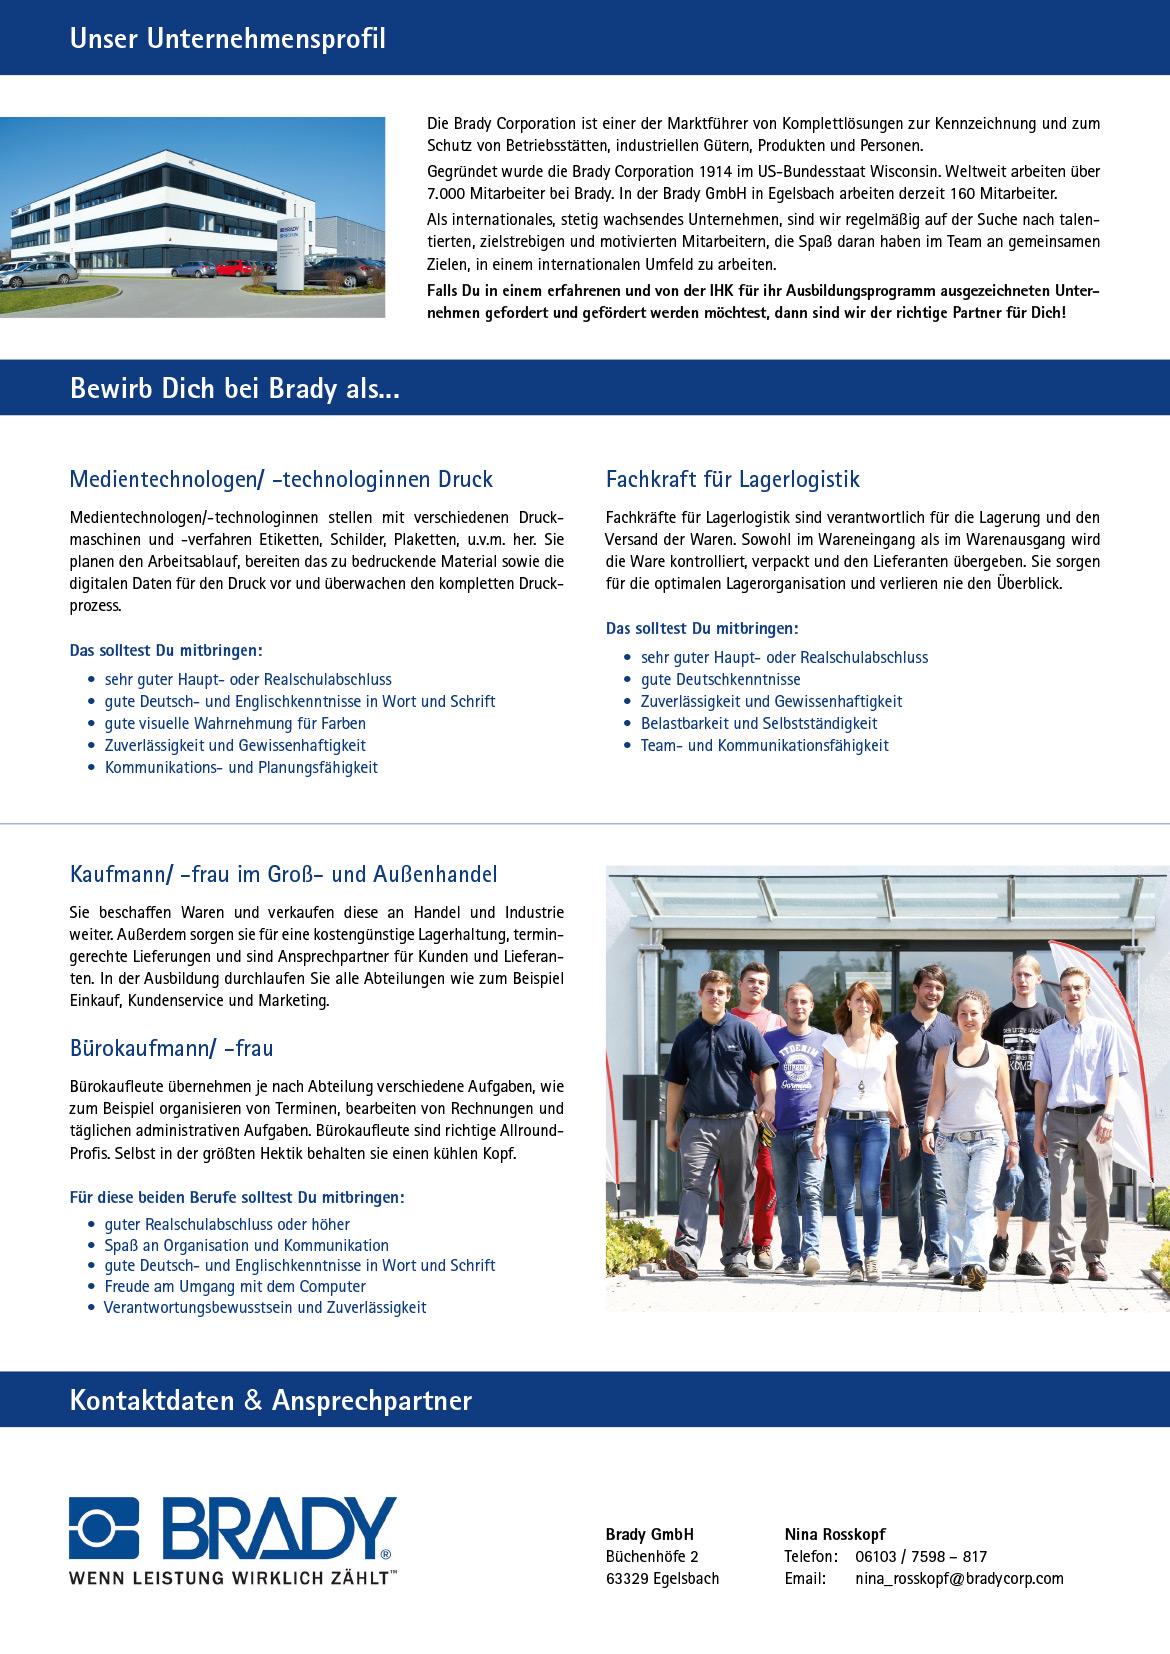 Ausbildungsplakat: Brady GmbH